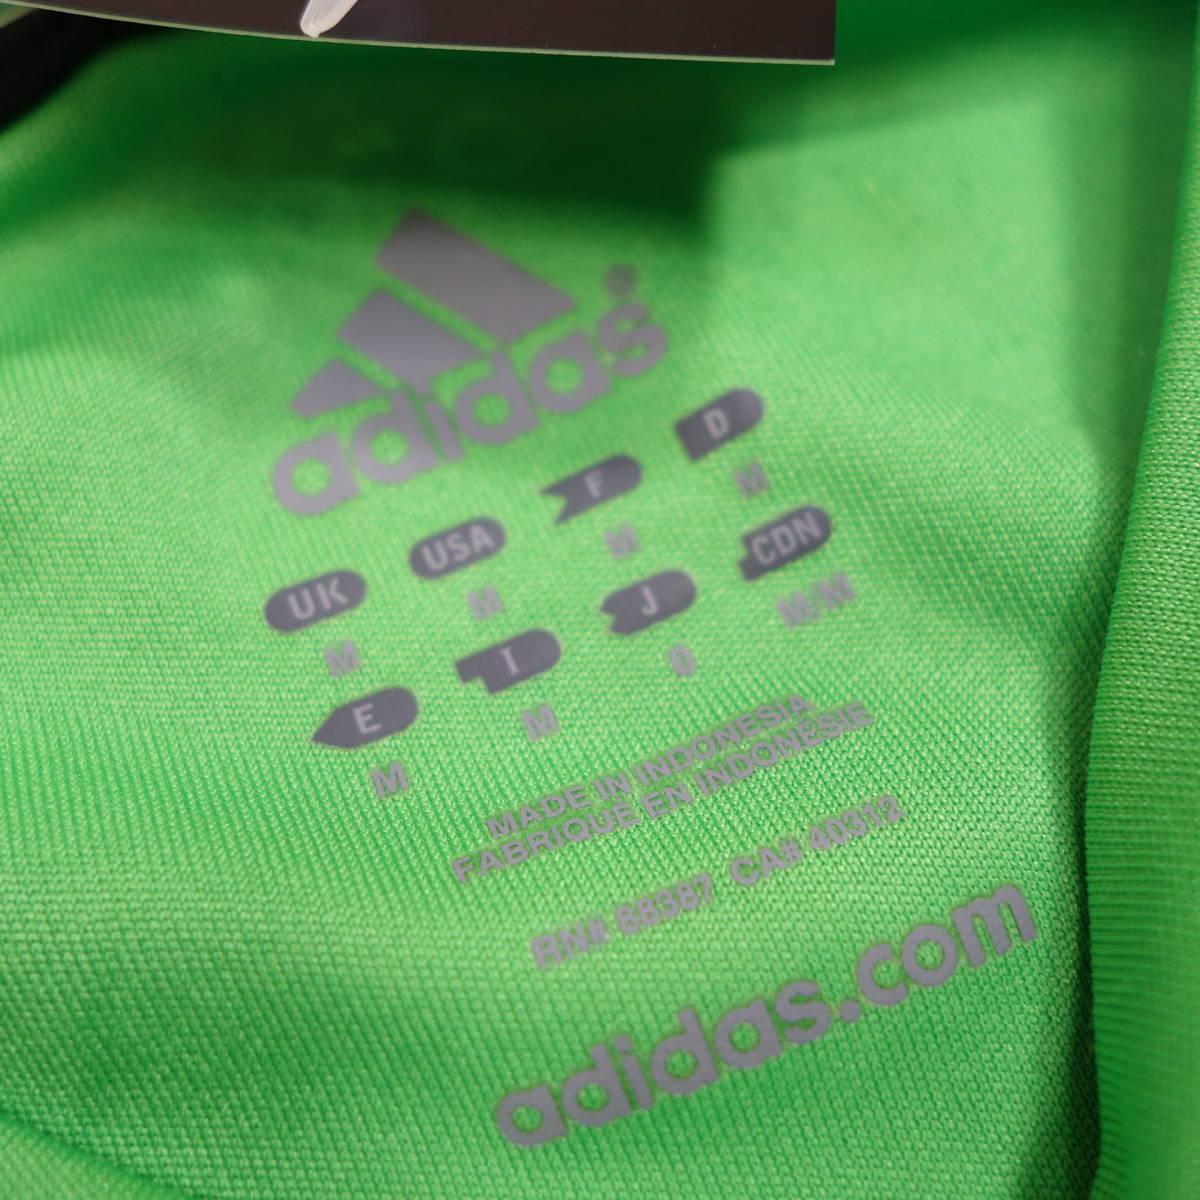 アディダス adidas Tシャツ 半袖 メンズ M クルーネック ワンポイントロゴ 三本ライン スポーツ カジュアル USA直輸入 古着 MAD-1-1-0037_画像5